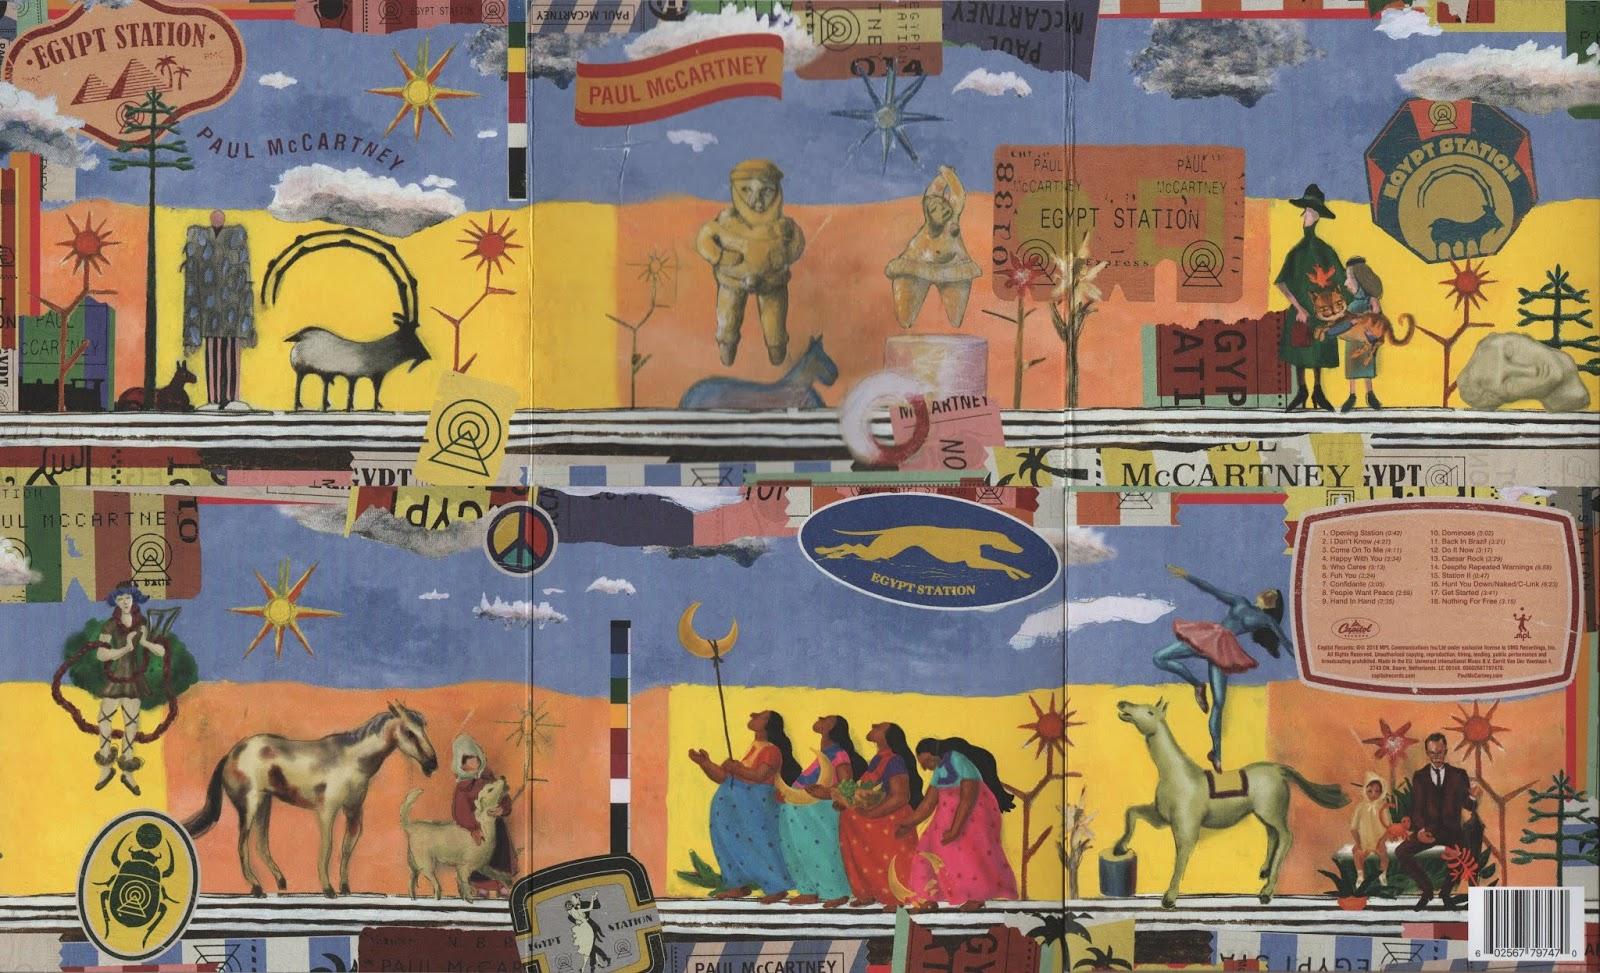 elobeatlesforever: Review: Egypt Station (Paul McCartney)